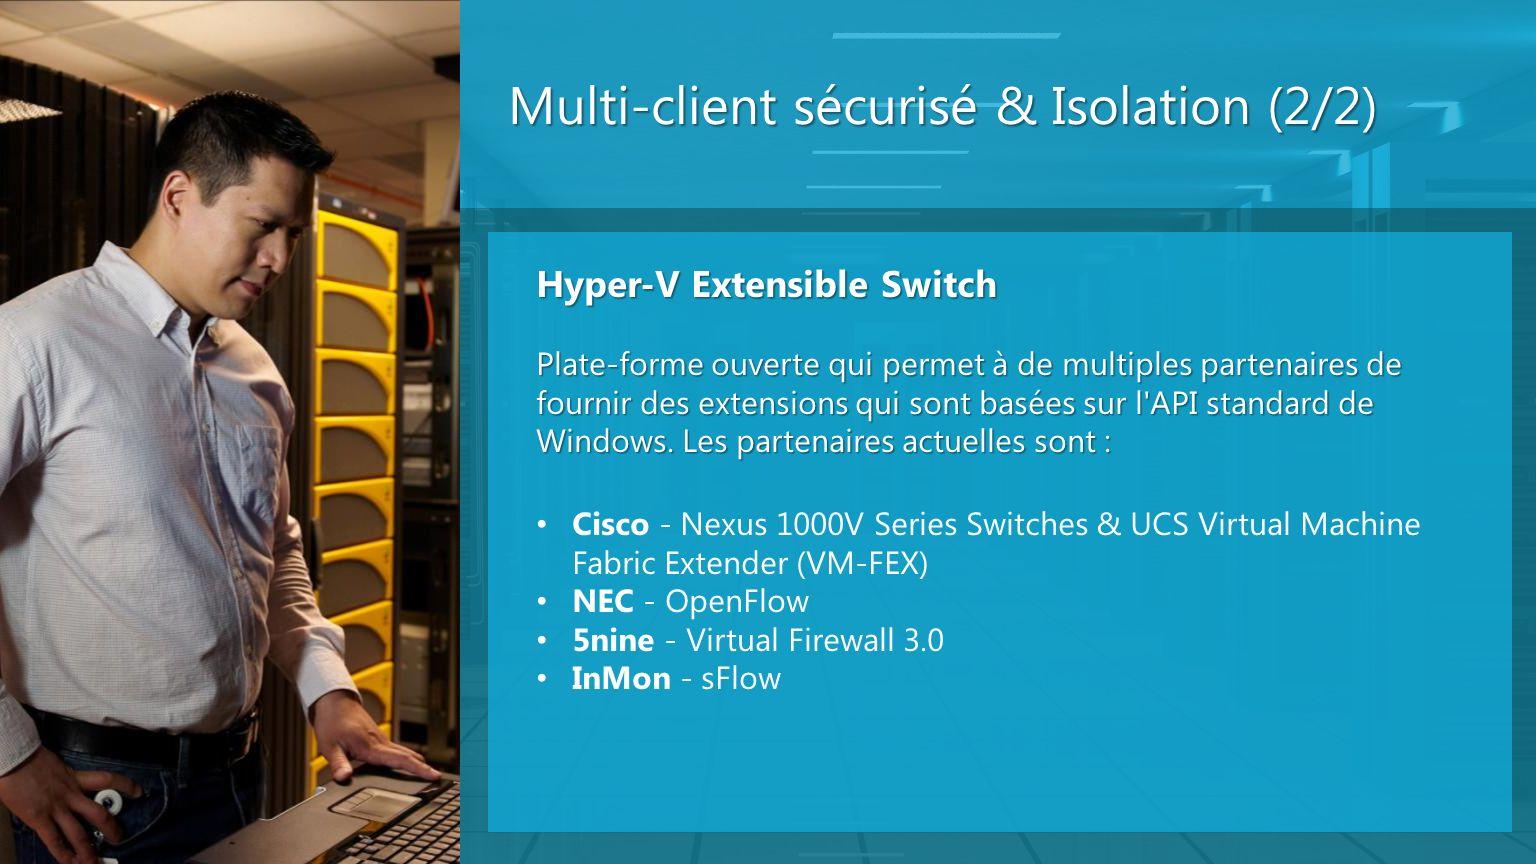 Multi-client sécurisé & Isolation (2/2) Hyper-V Extensible Switch Plate-forme ouverte qui permet à de multiples partenaires de fournir des extensions